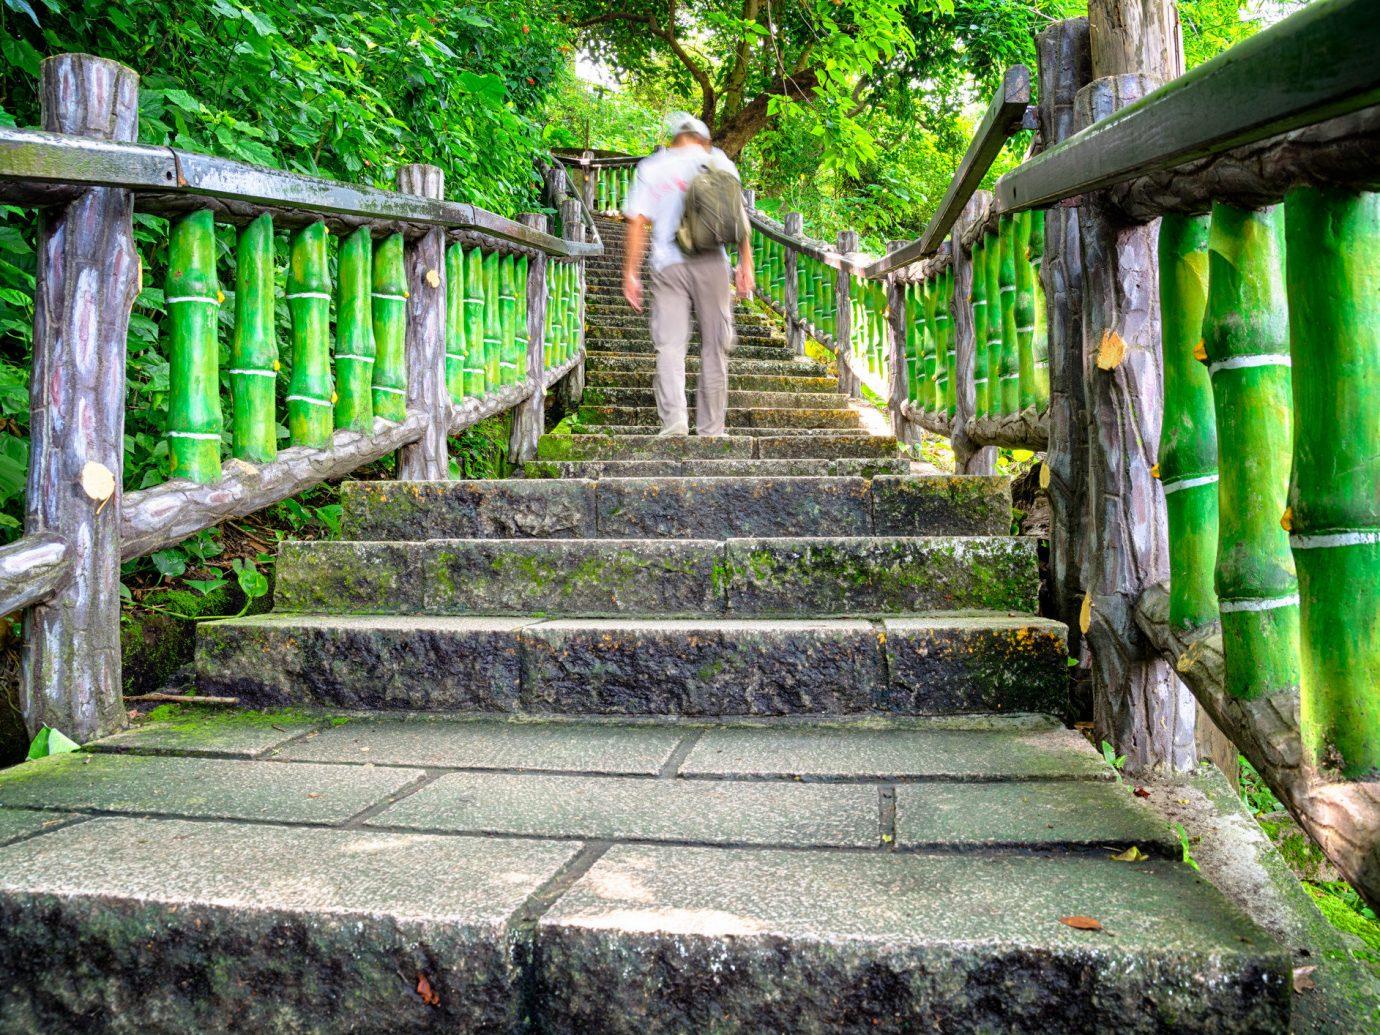 Trip Ideas outdoor green standing walkway Garden bridge Jungle park